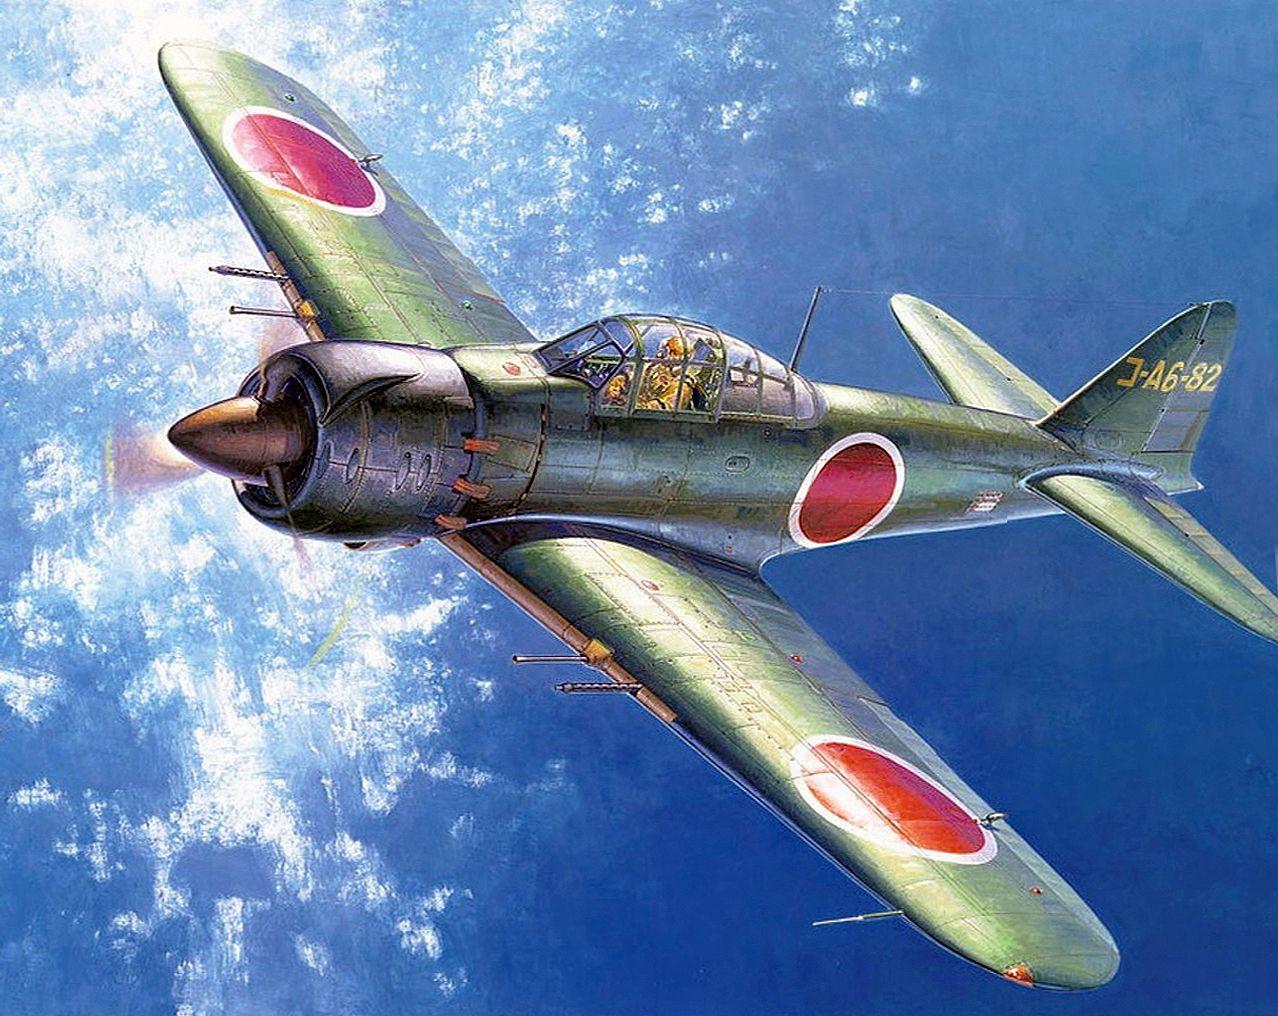 Mitsubishi A6M8 Zero by Shigeo Koike